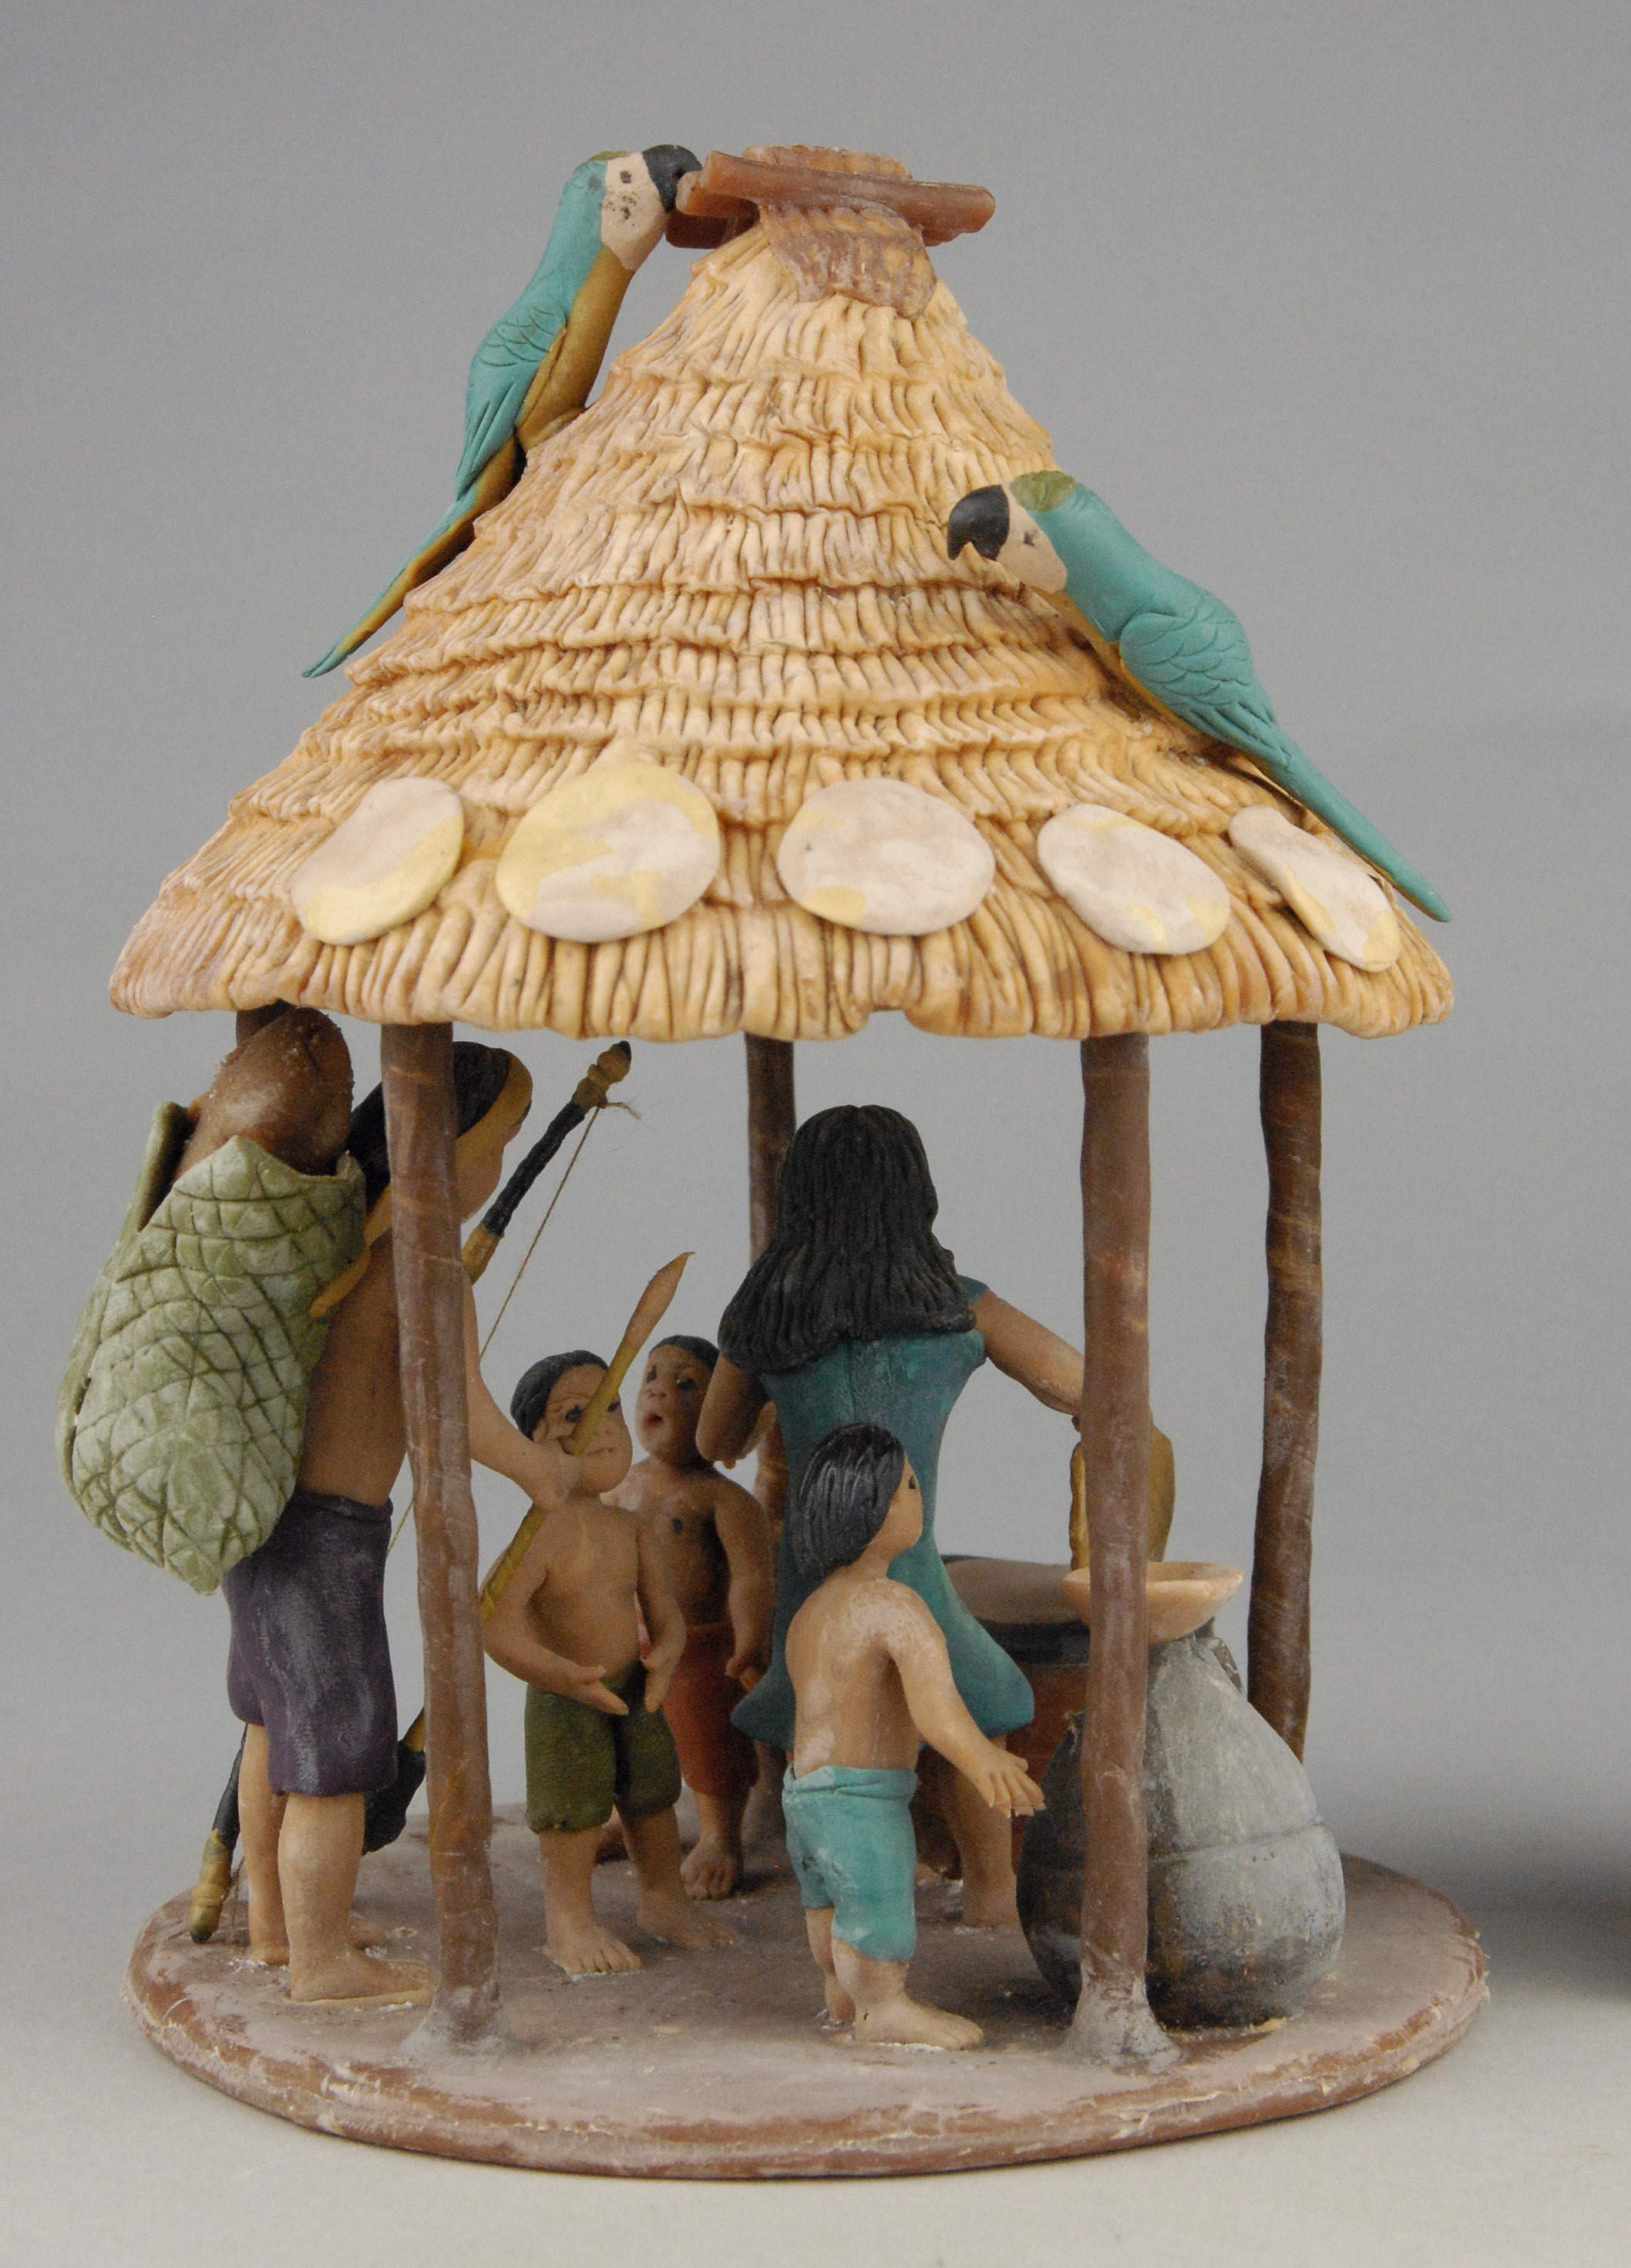 Hütte, Modell von George Tancredo